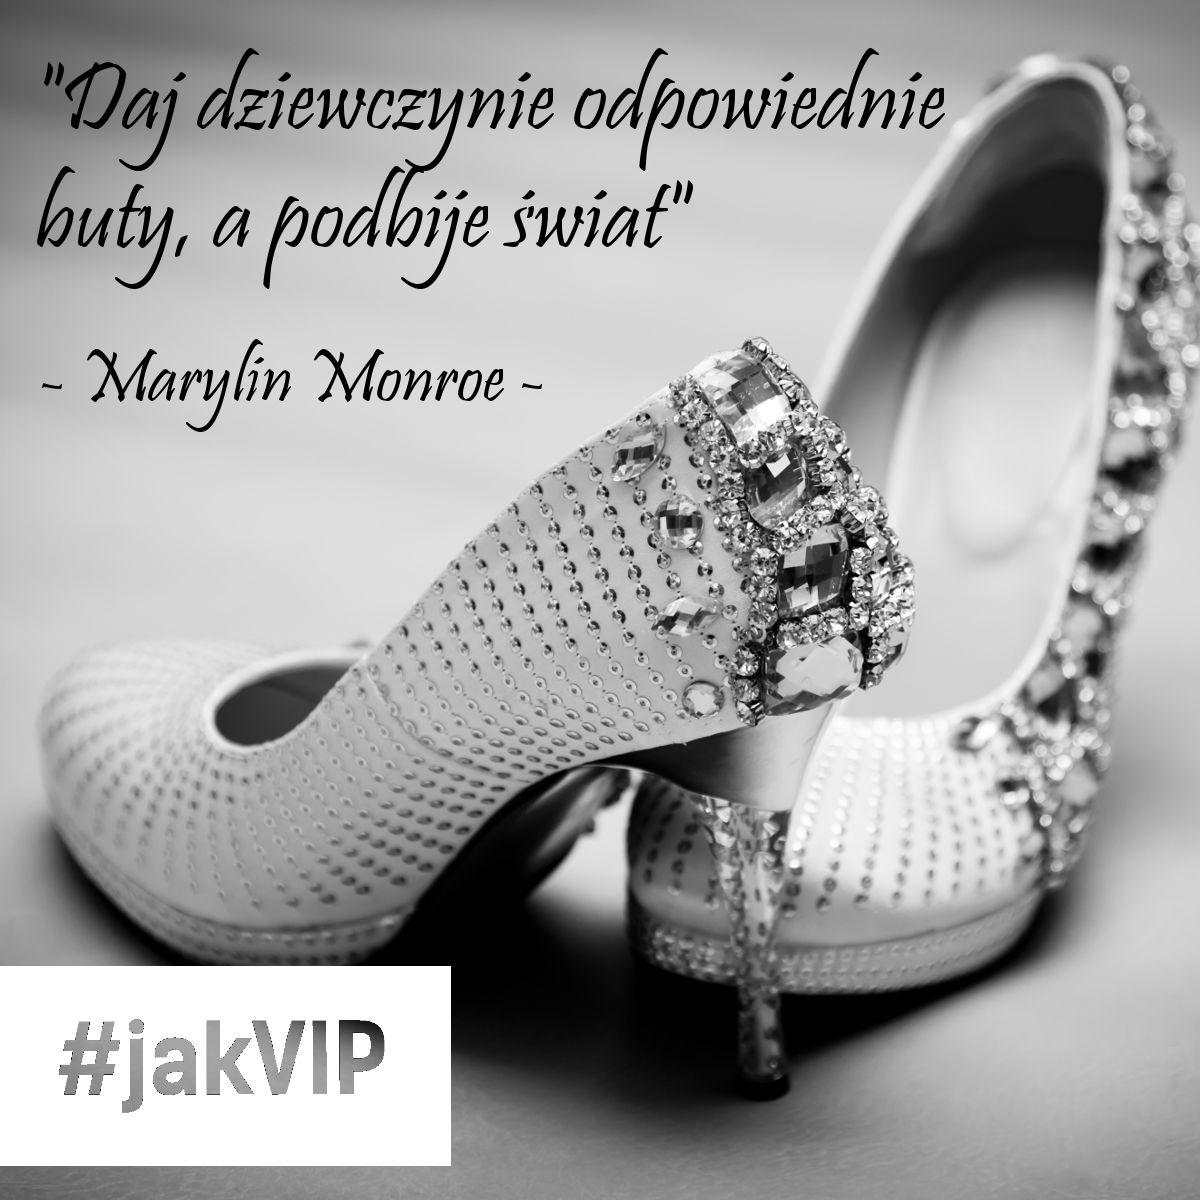 Daj Dziewczynie Odpowiednie Buty A Podbije Swiat Marylin Monroe Cytat Cytatdnia Sentencja Zlotemysli M White Wedding Shoes Wedding Shoes Wedding Rings